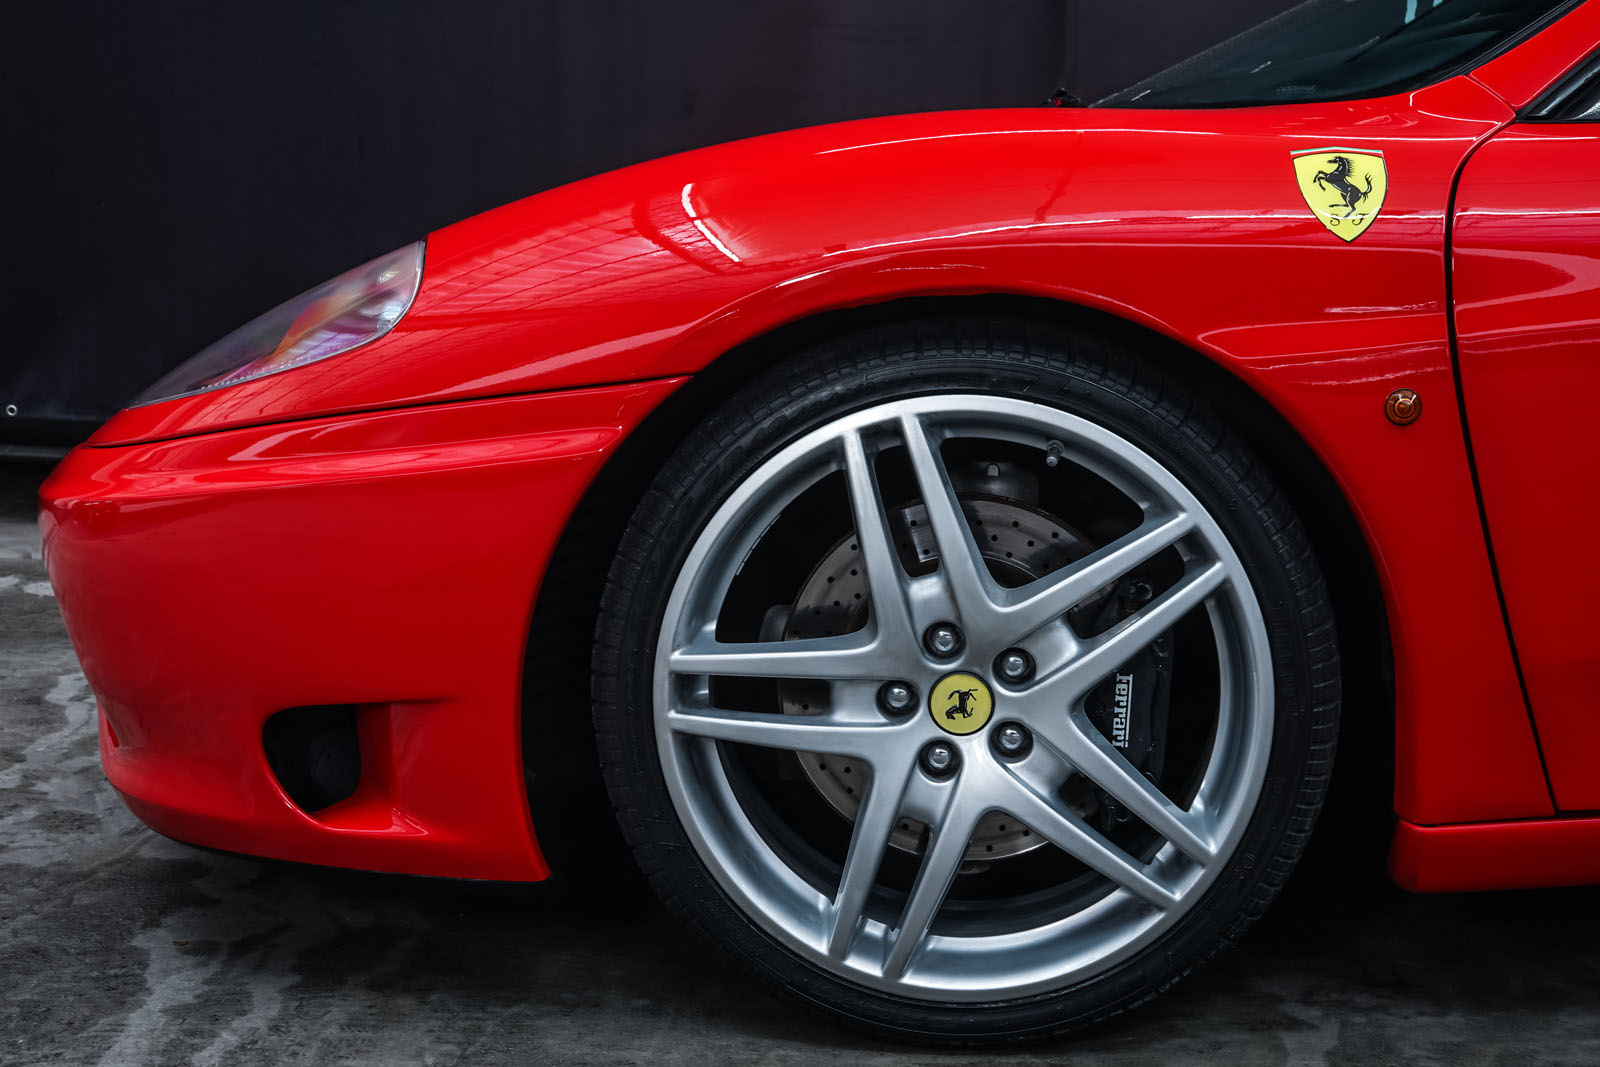 Ferrari_360_Modena_Rot_Schwarz_FER-4576_3_w